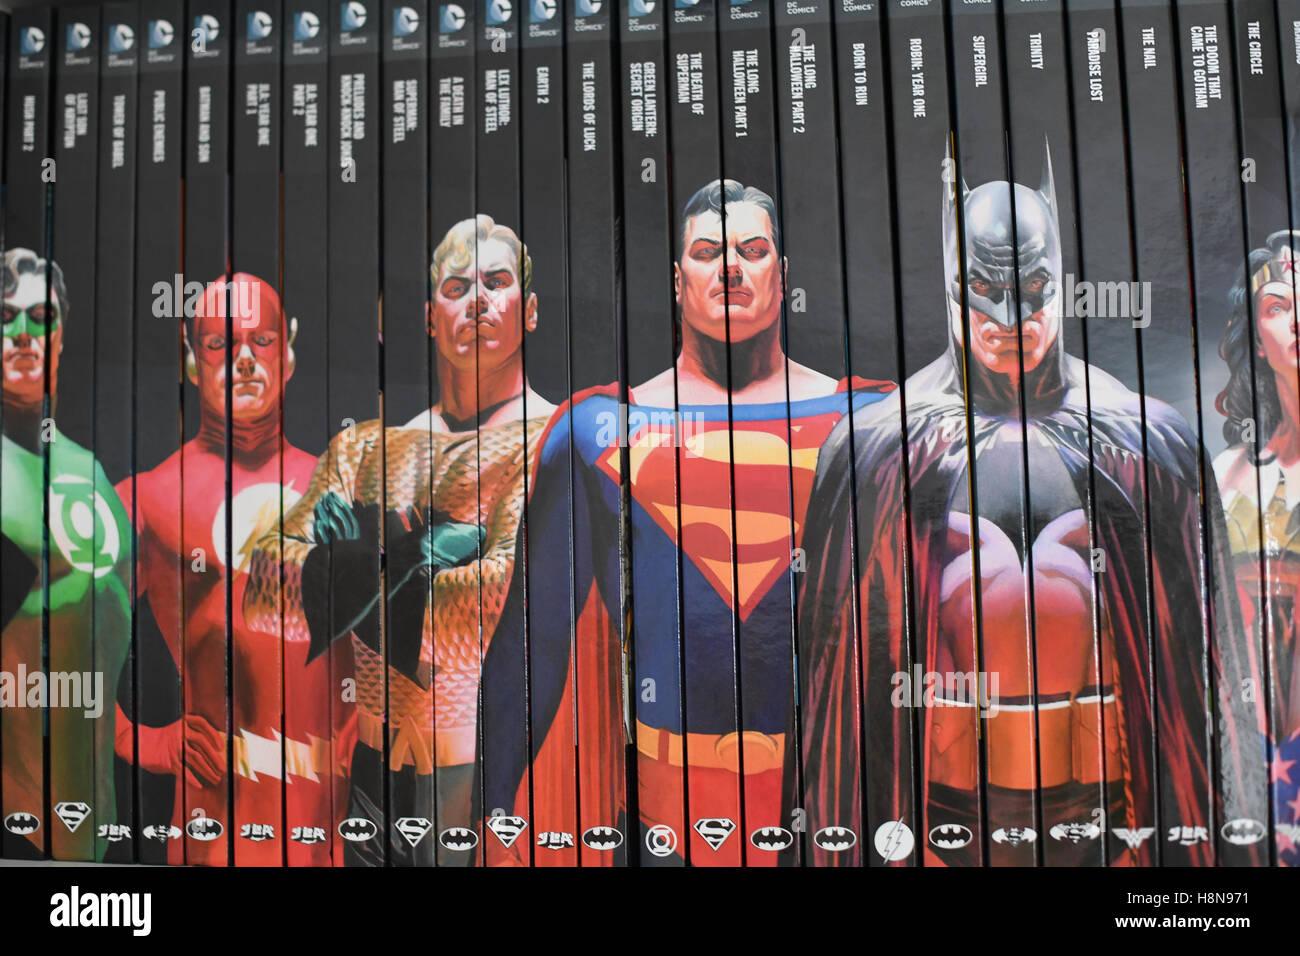 DC Roman Graphiksammlung, Grapchic Romane auf einem Bücherregal Stockbild